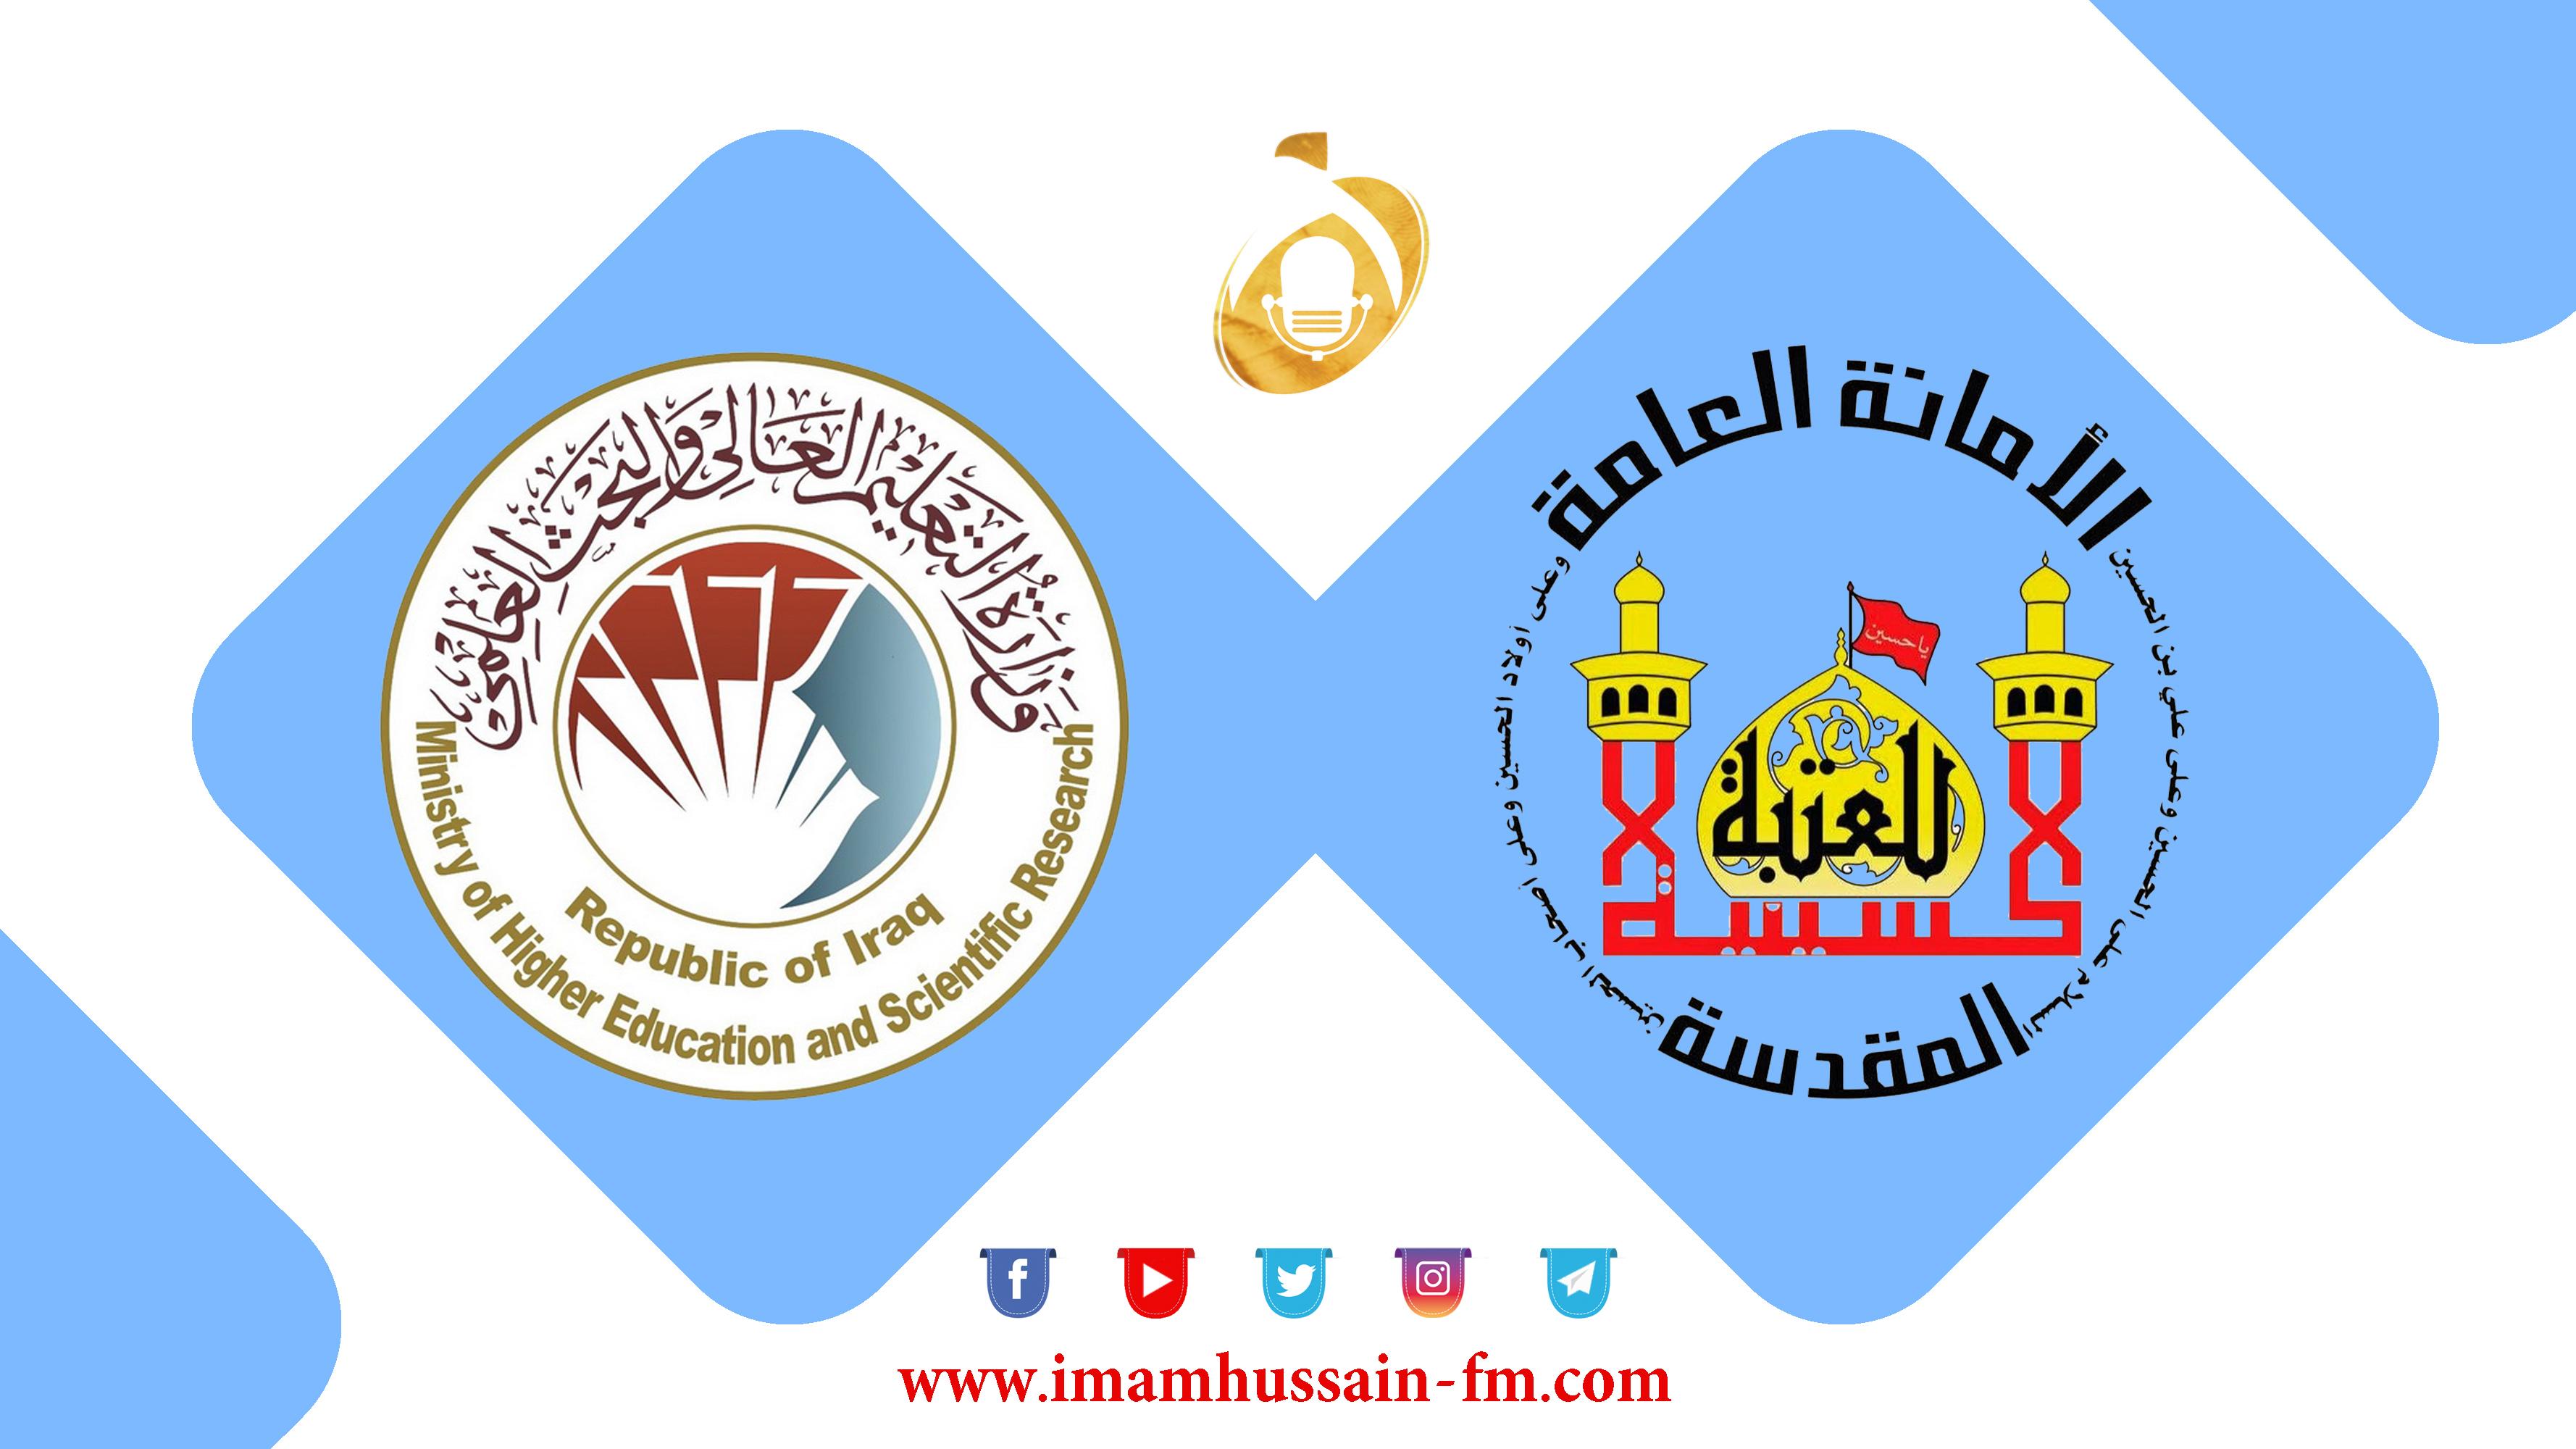 http://imamhussain-fm.com/public/public/uploads/59230-091920201350305f65e276d51a6.jpg